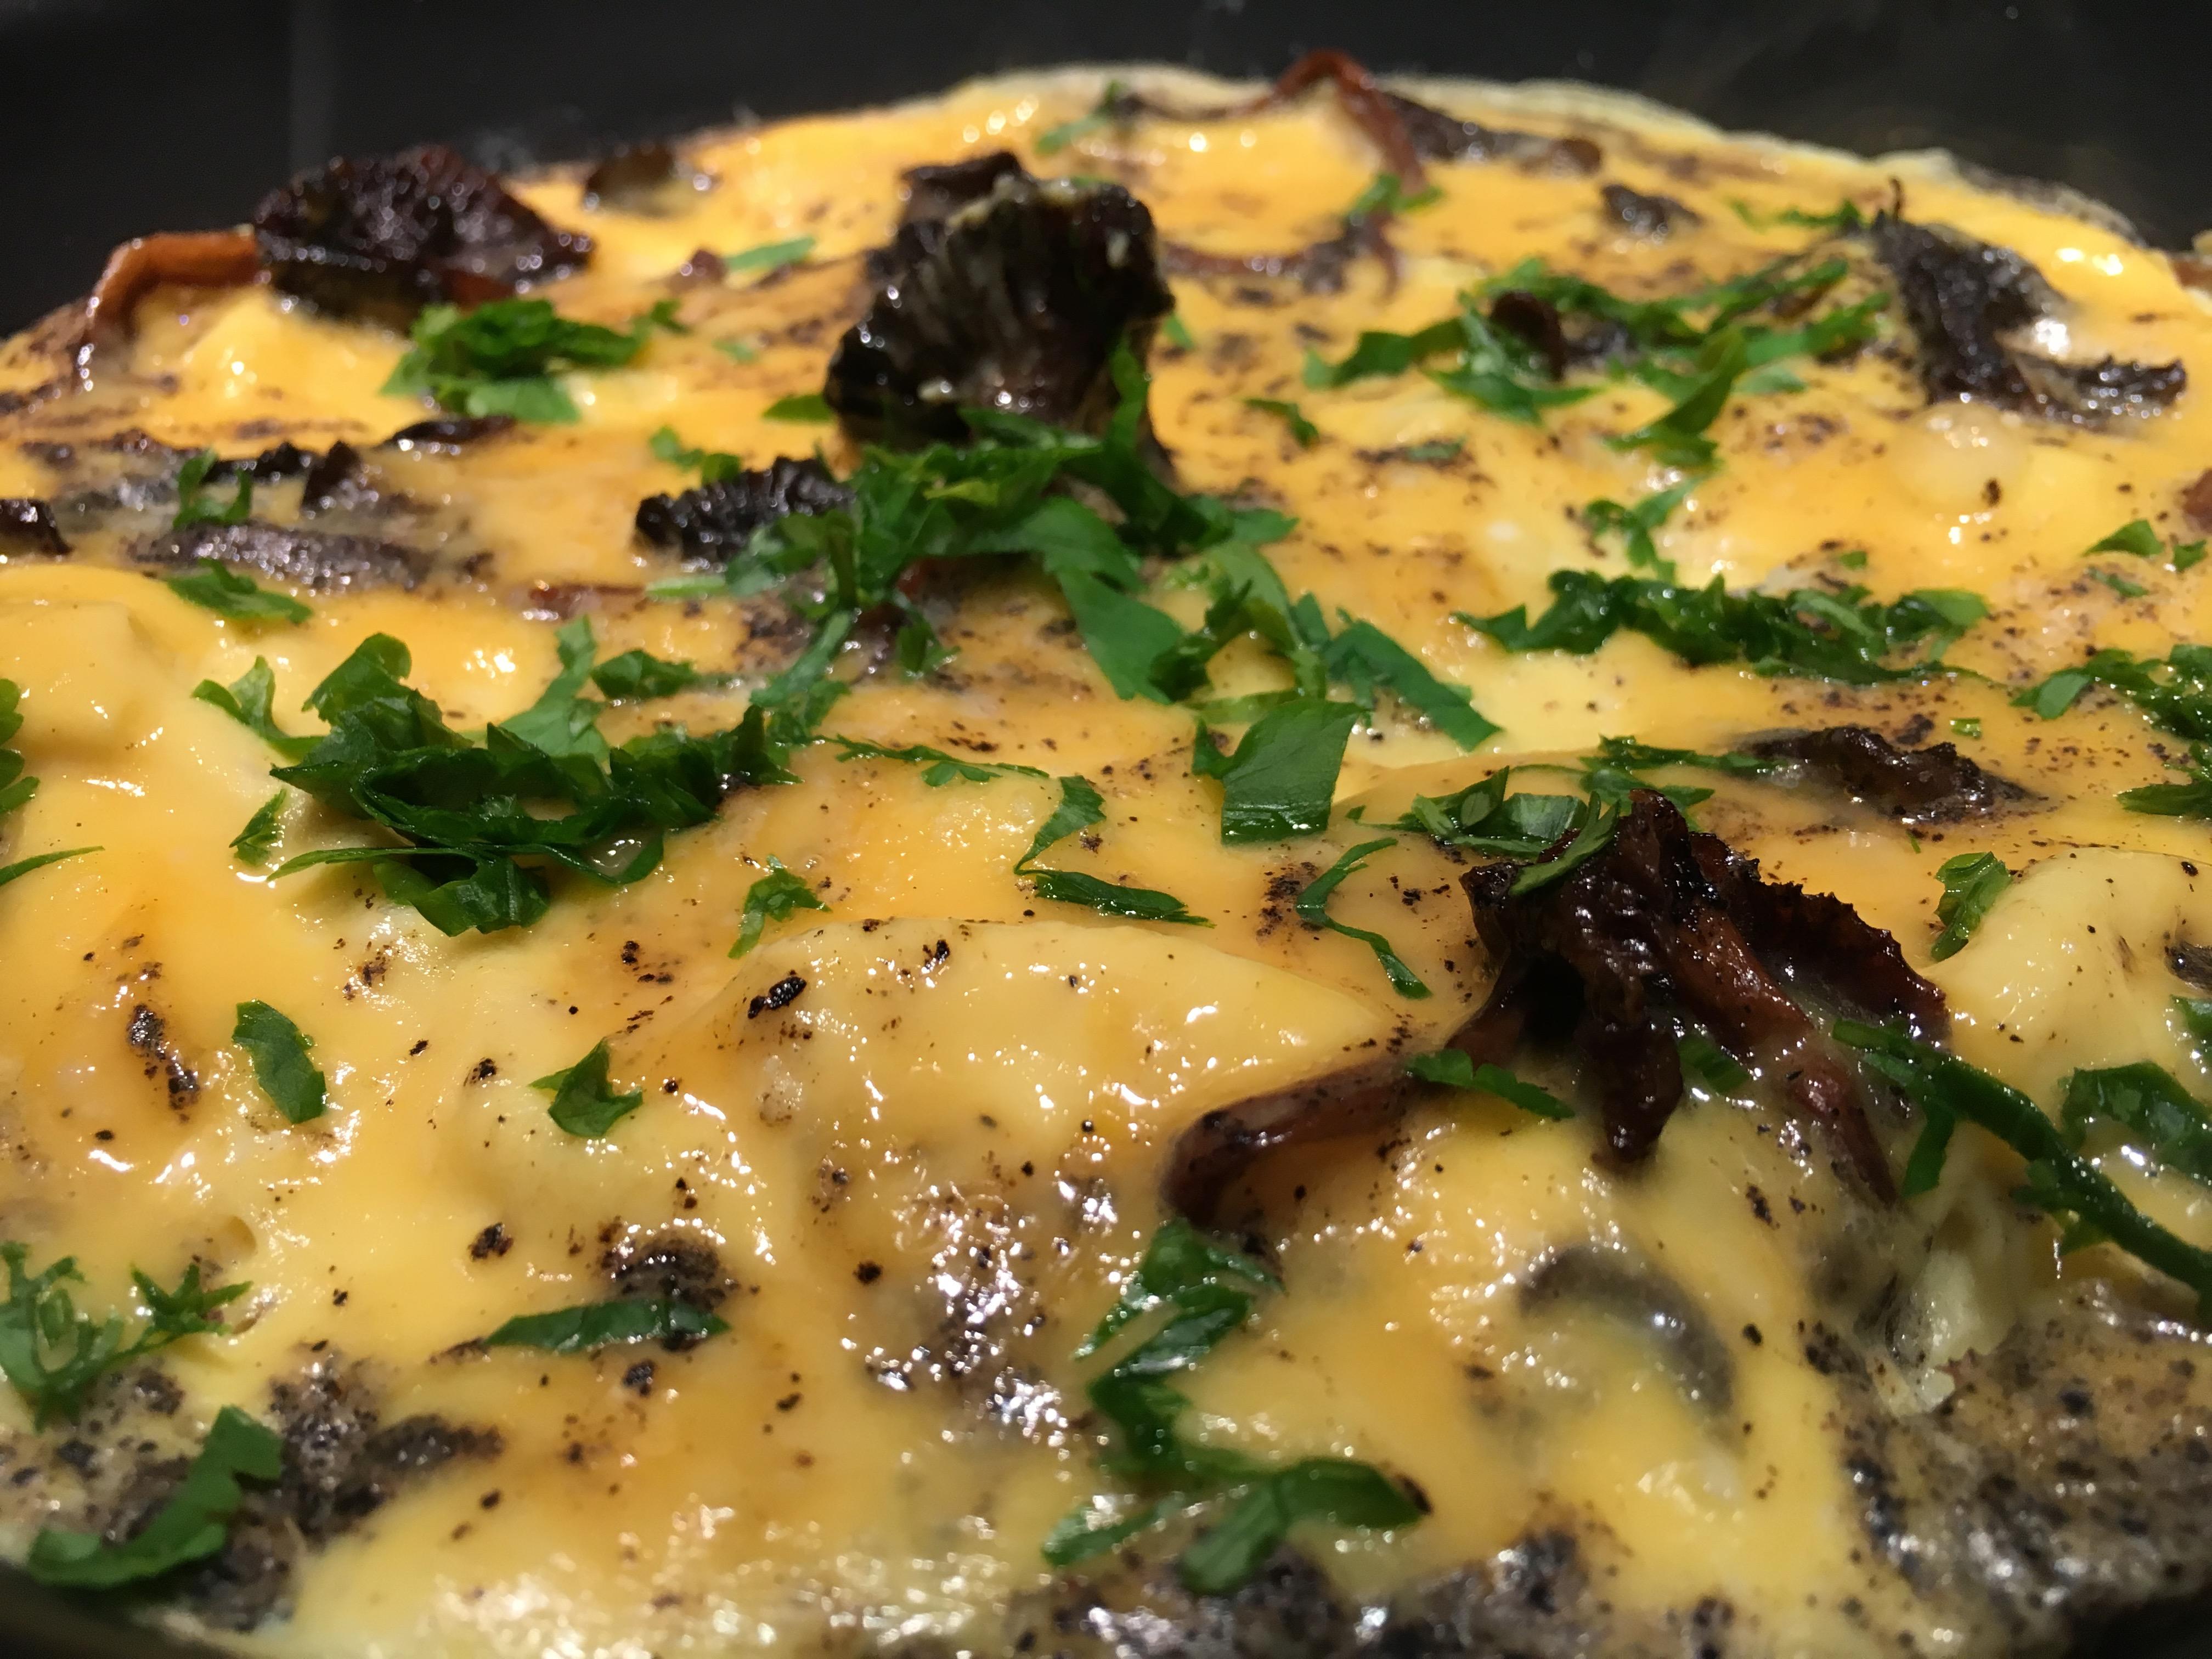 Omelette aux chanterelles.